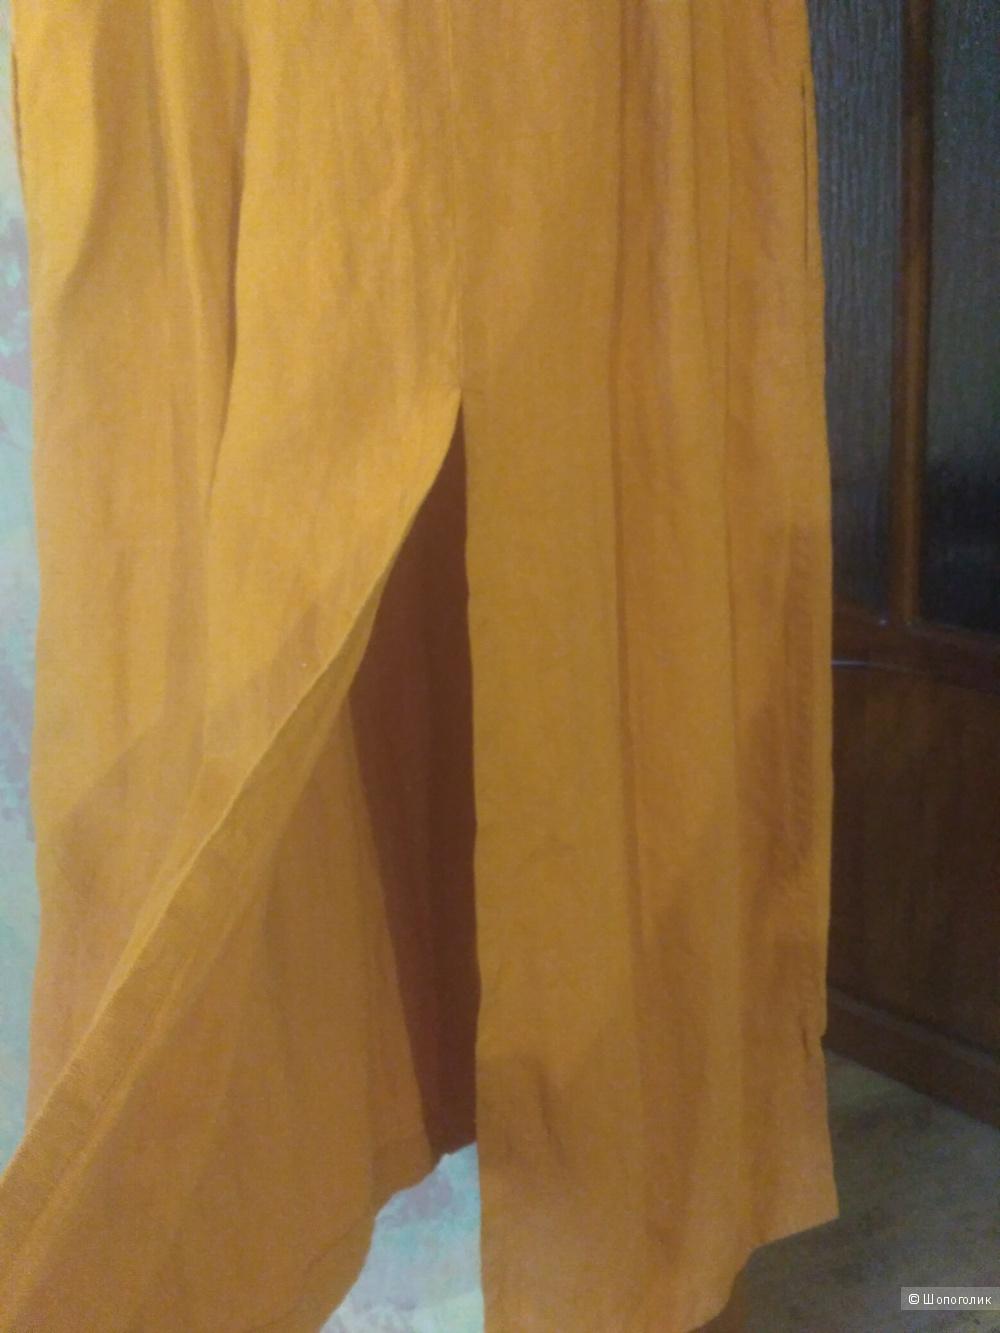 Платье-шазюбль Льняная лавка маркировка 50,маломерит